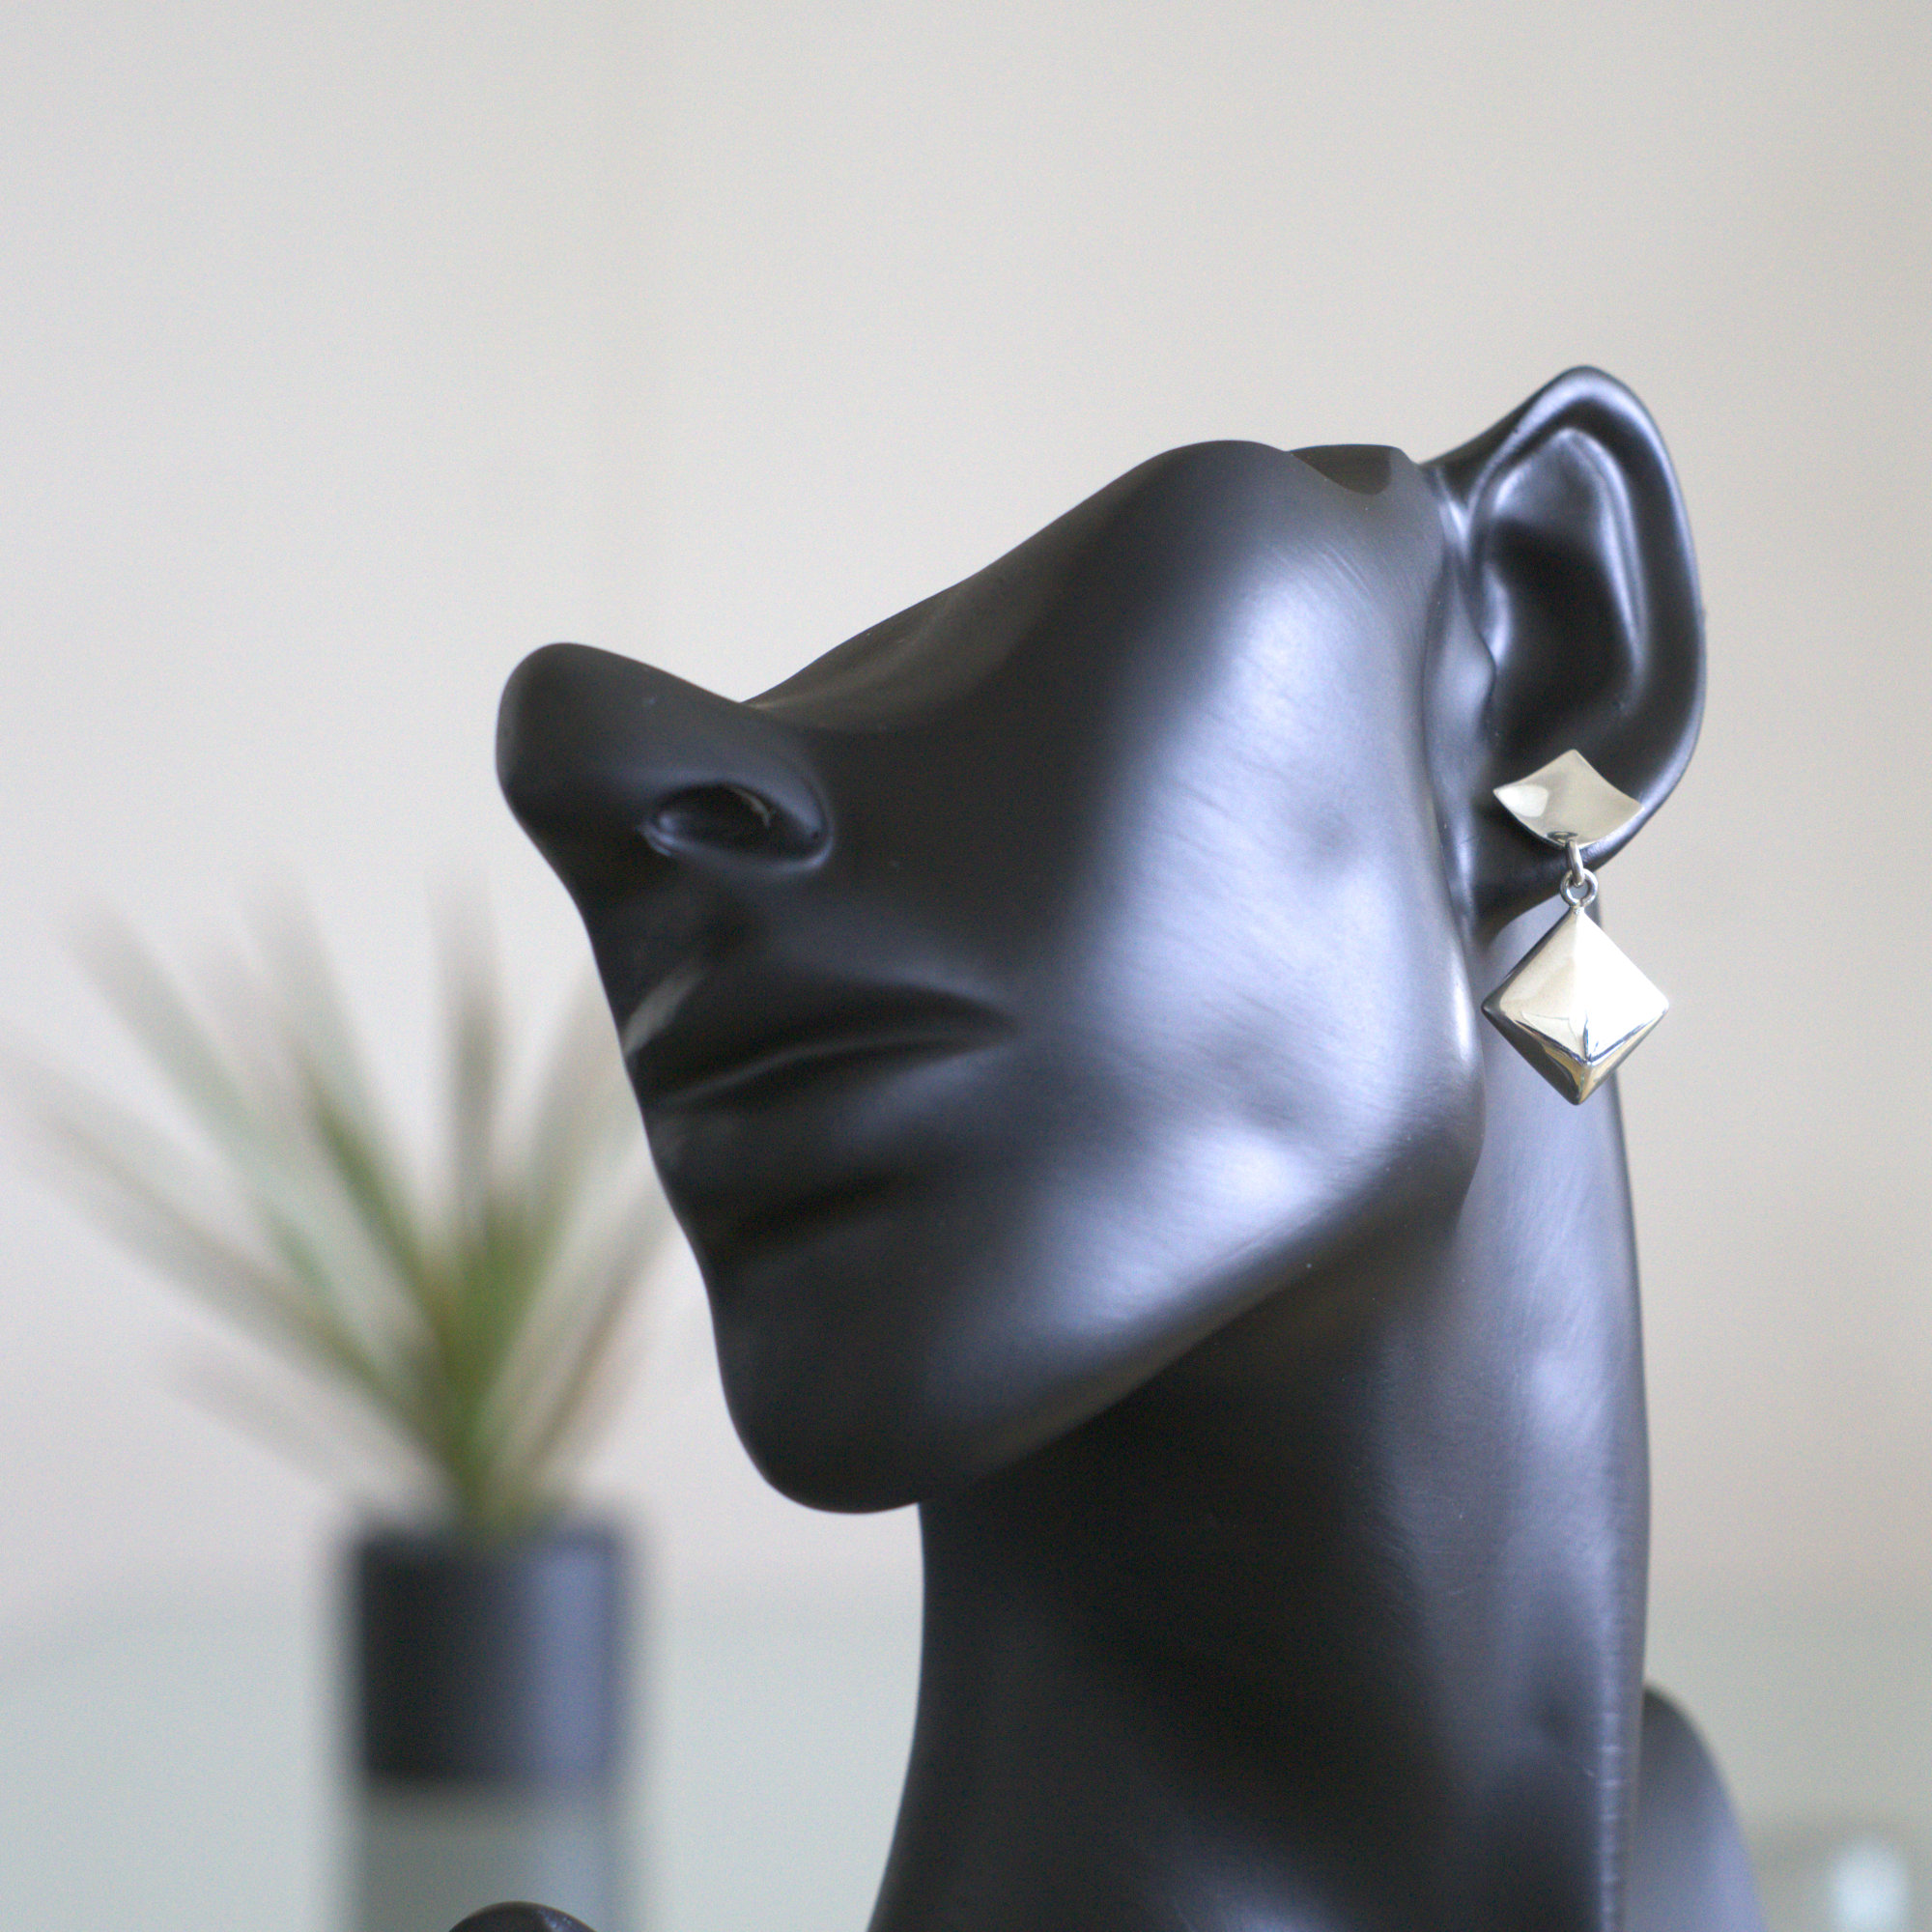 Columba: Örgenhägen med två firkanter med glansig finish och sterling silver material.